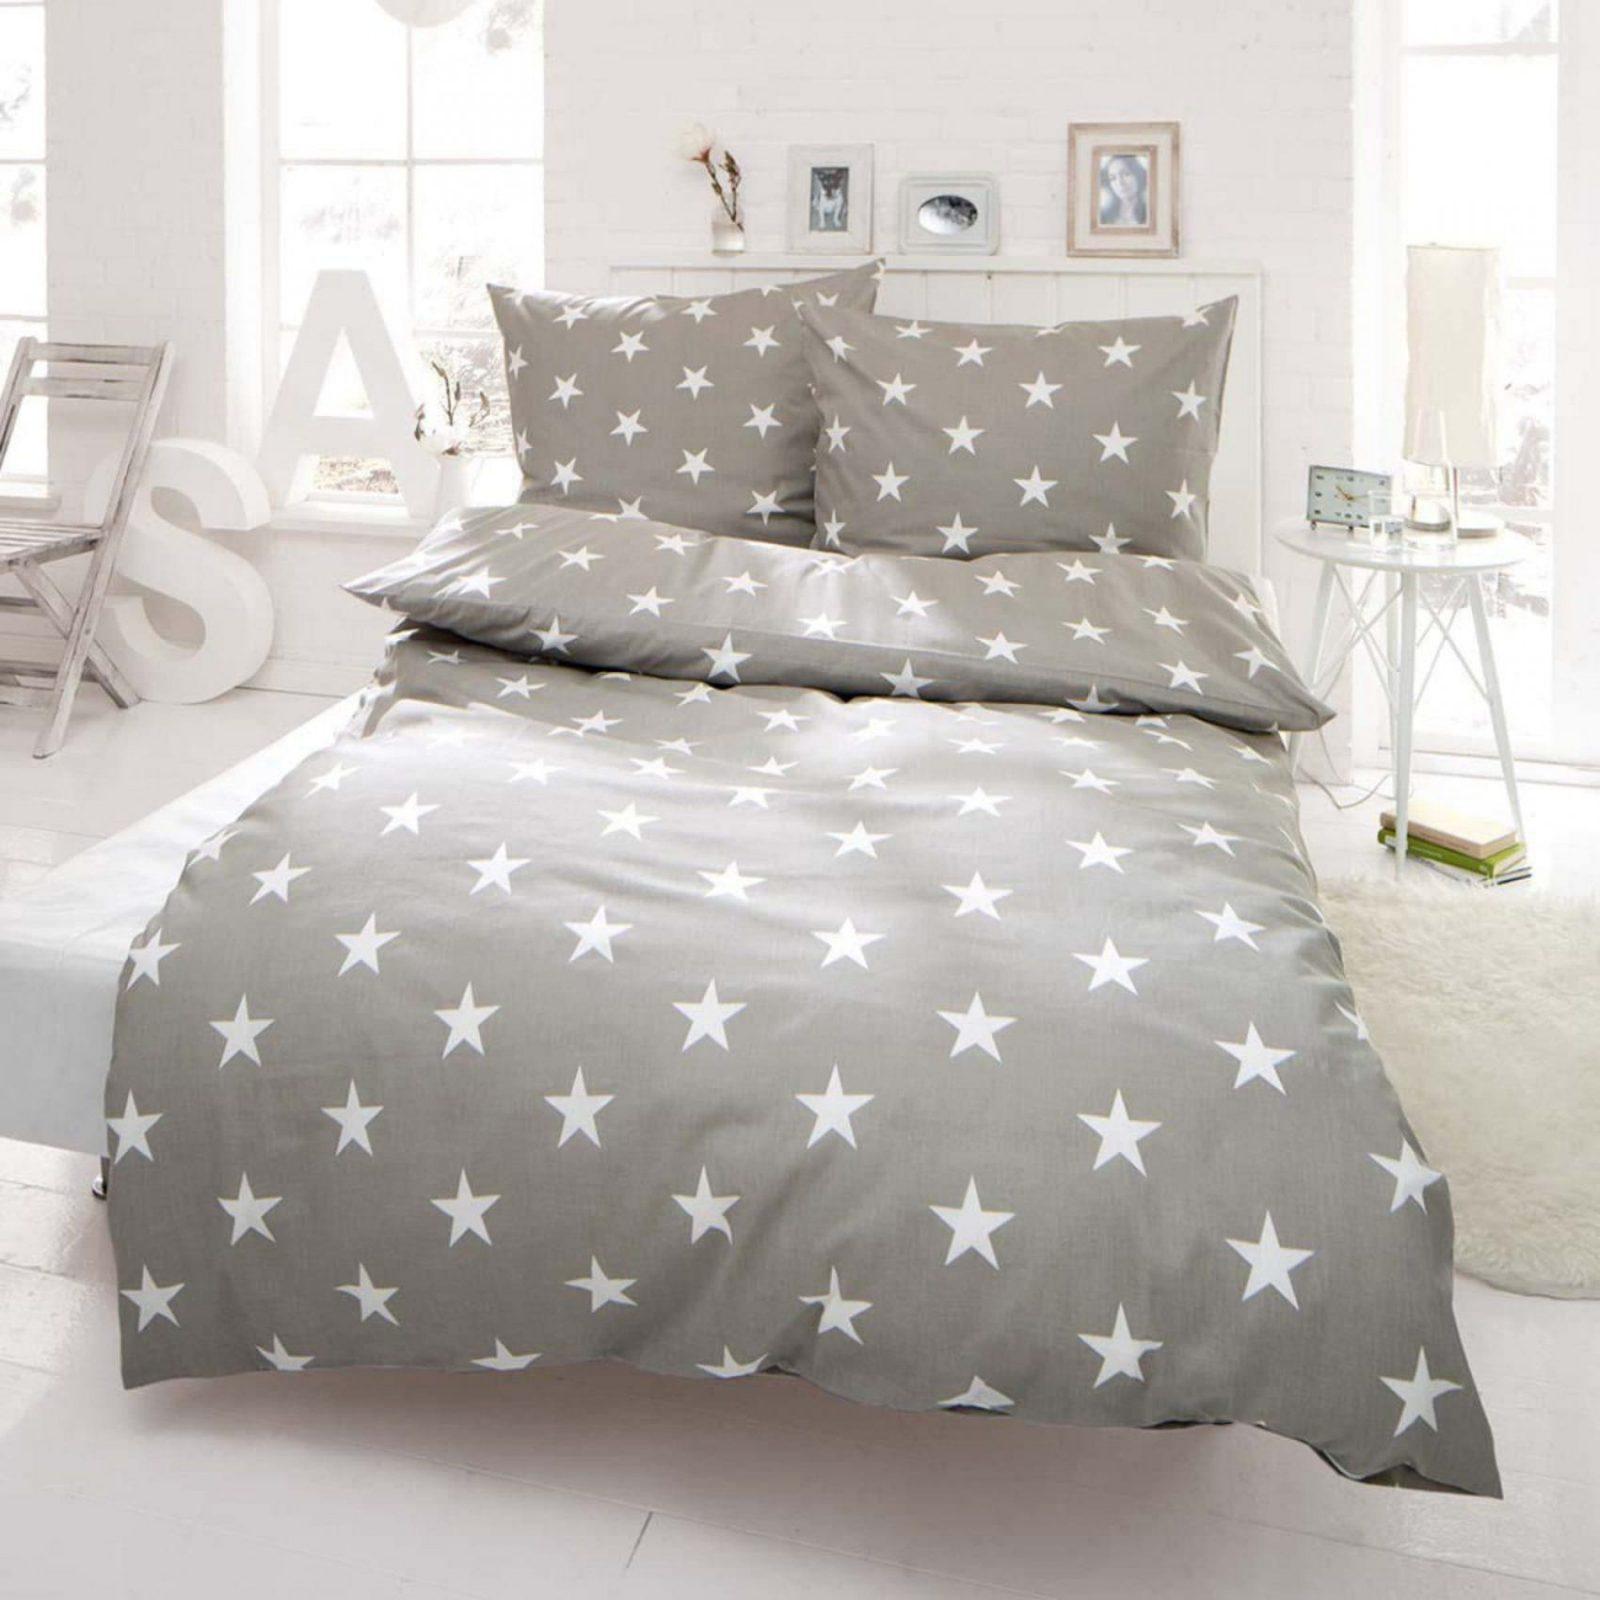 Bettwäsche Sterne Mit Reißverschluss Baumwollrenforcé von Bettwäsche Sterne Grau 155X220 Photo